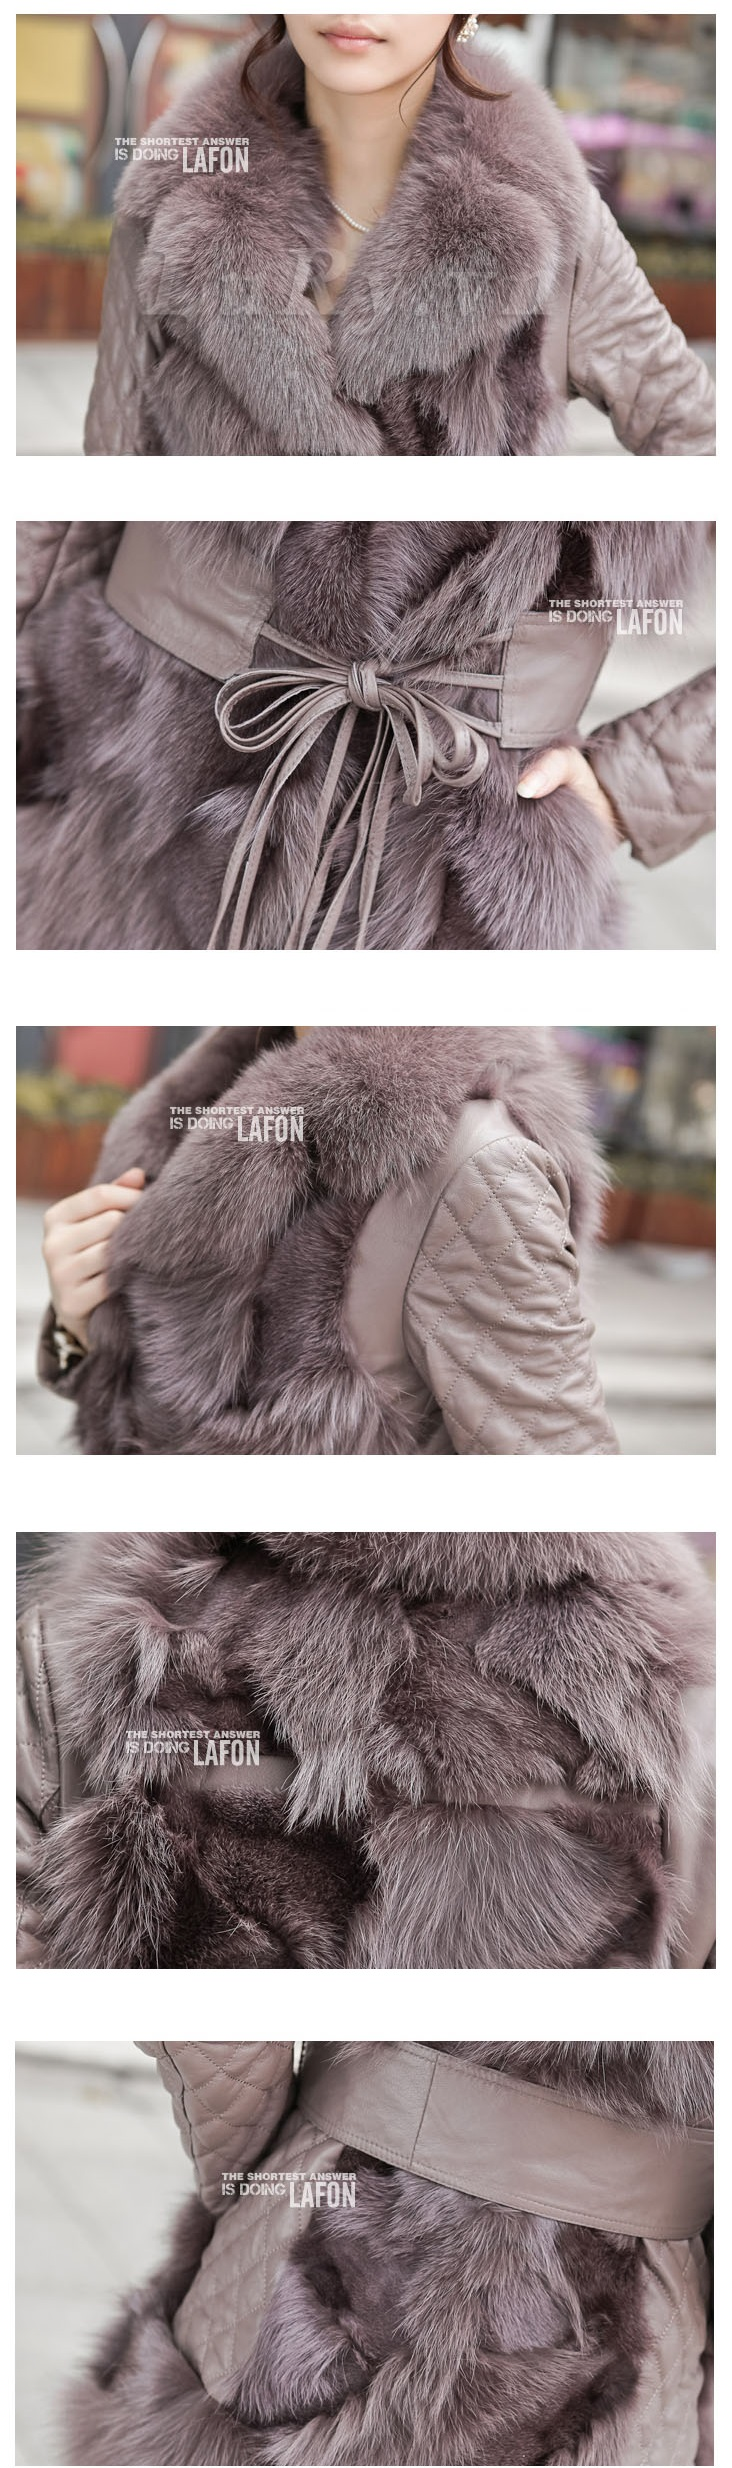 Cửa hàng bán áo khoác lông chồn dáng dài cao cấp tại hà nội